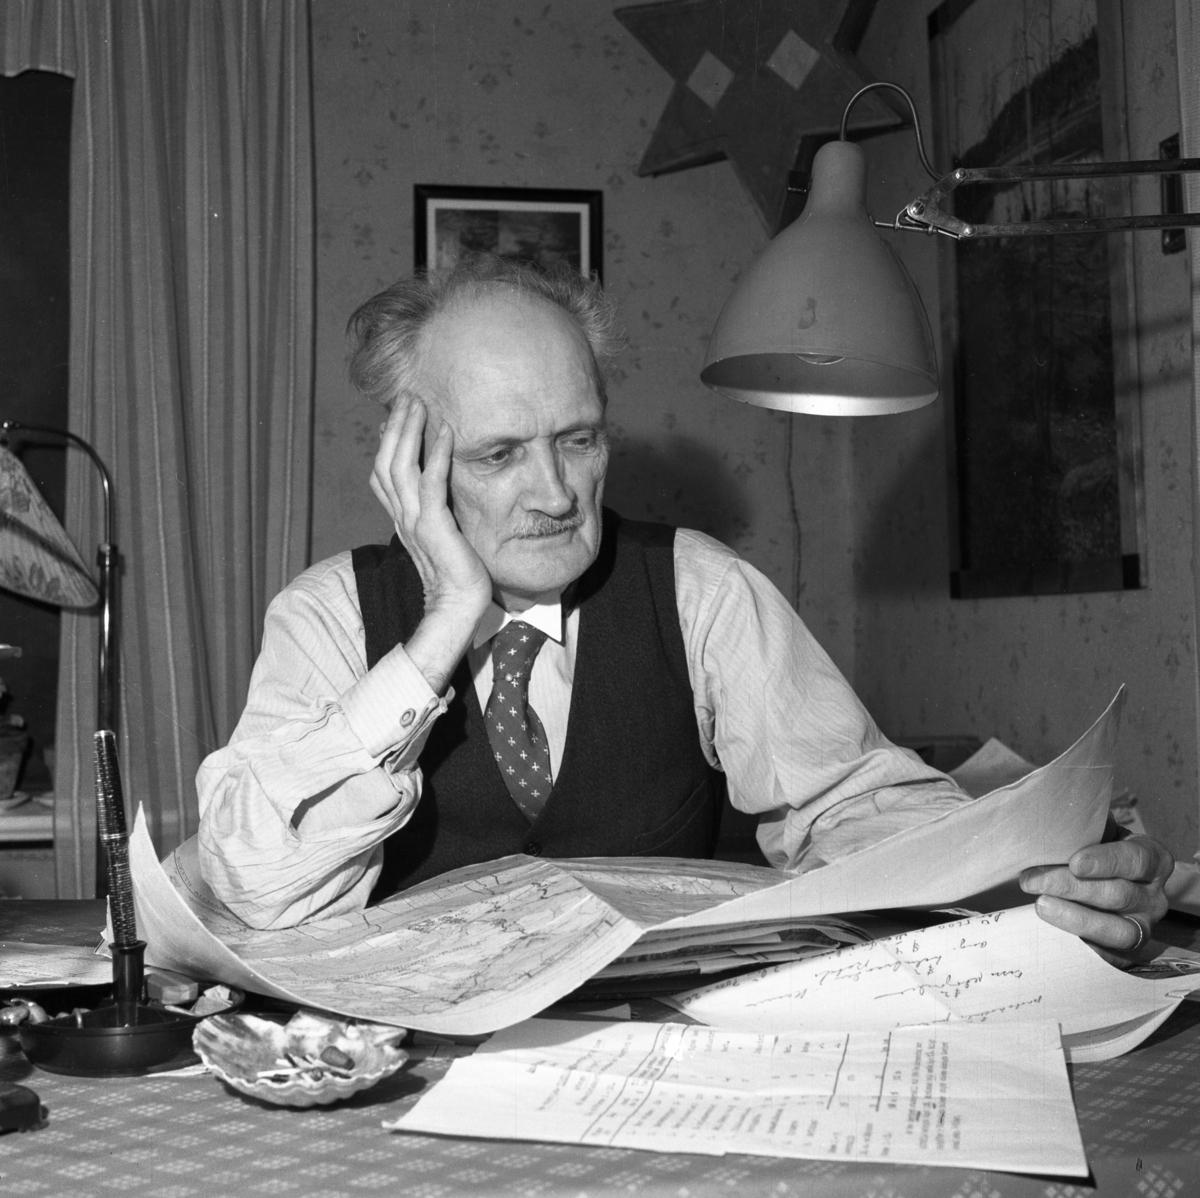 En man sitter vid bordet och ser på en karta. Fler papper ligger på bordet. Han har en lampa på väggen och en på bordet. Bakom honom ses två tavlor. Bilden användes till en artikel, i Arboga Tidning, om kommunsammanläggningen.